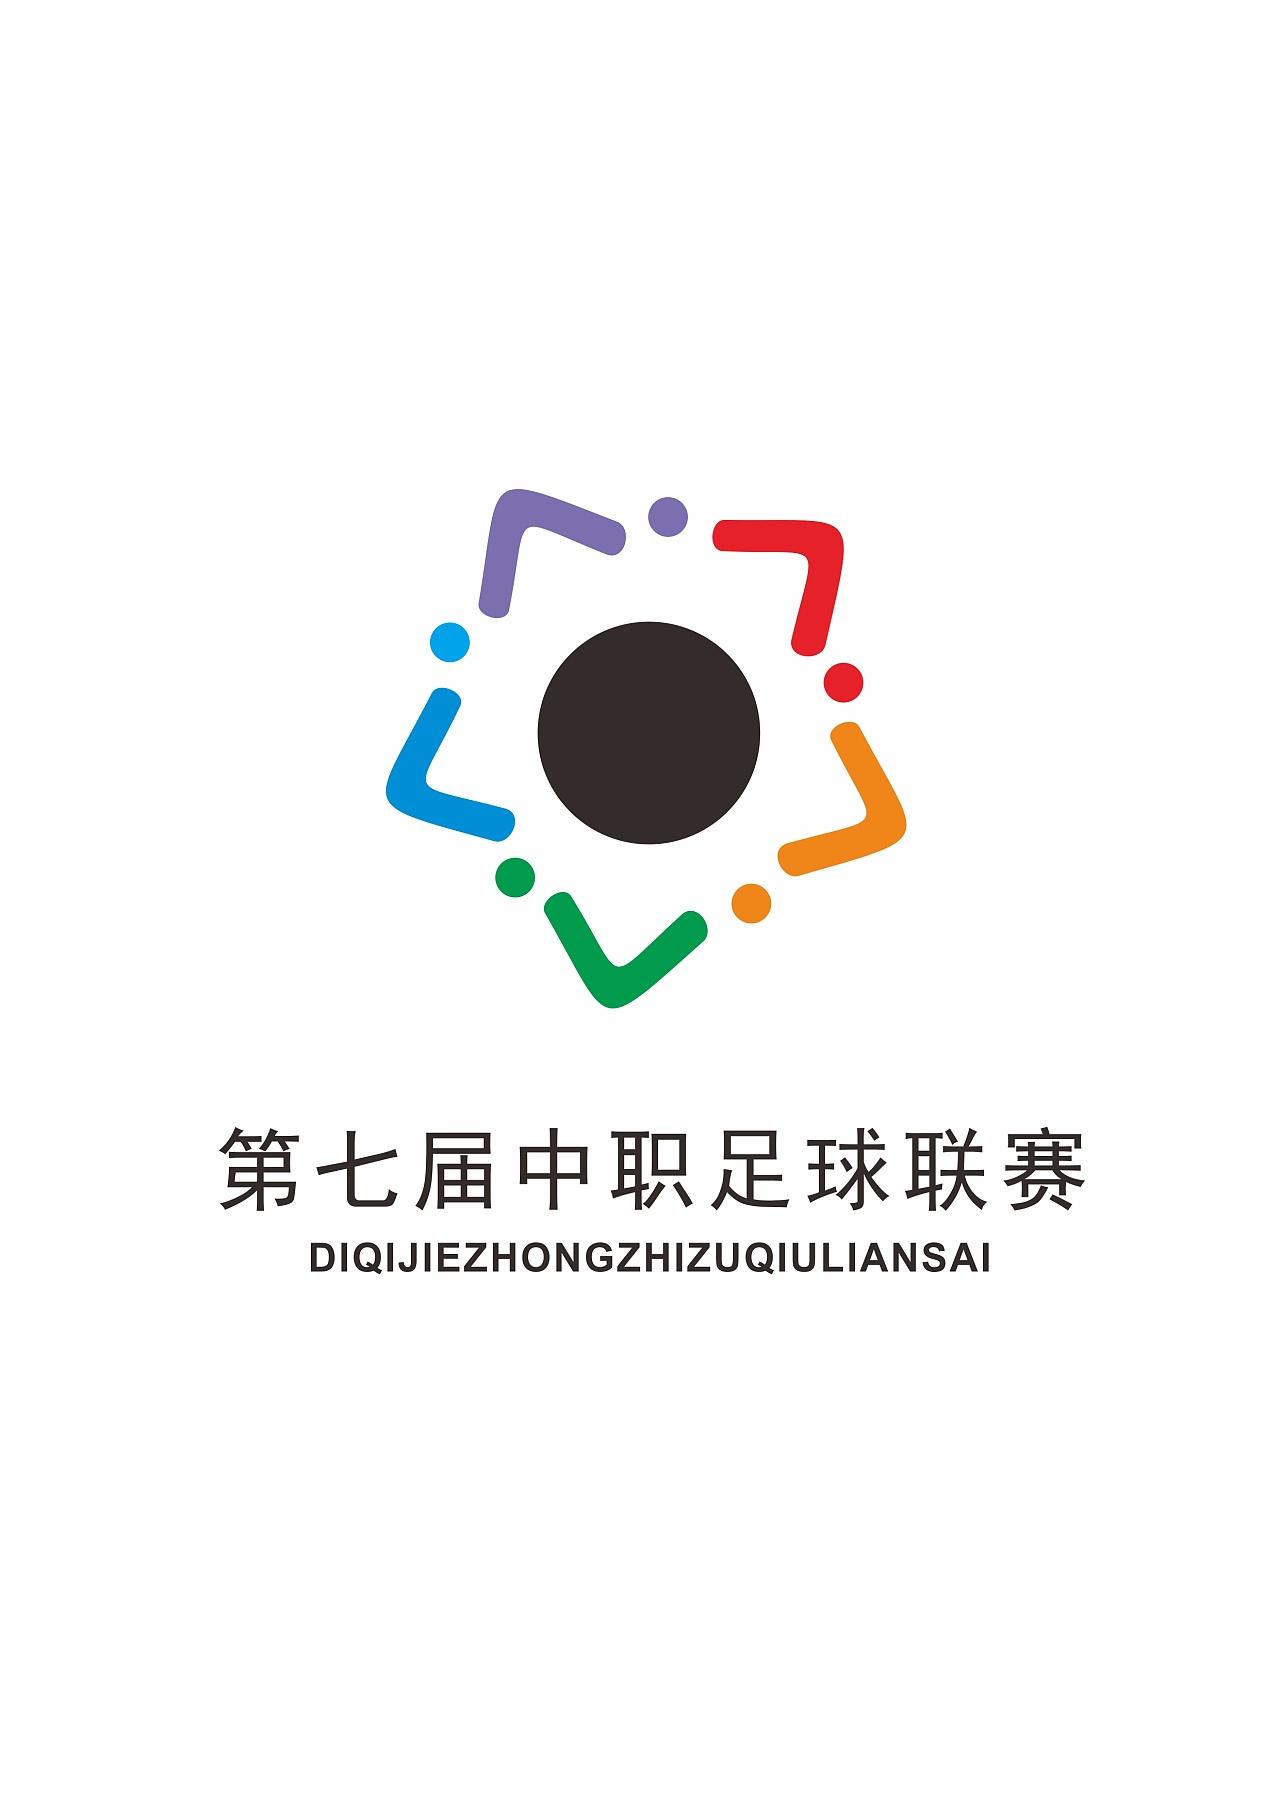 logo是用数字7作点变形,以环绕中间的圆